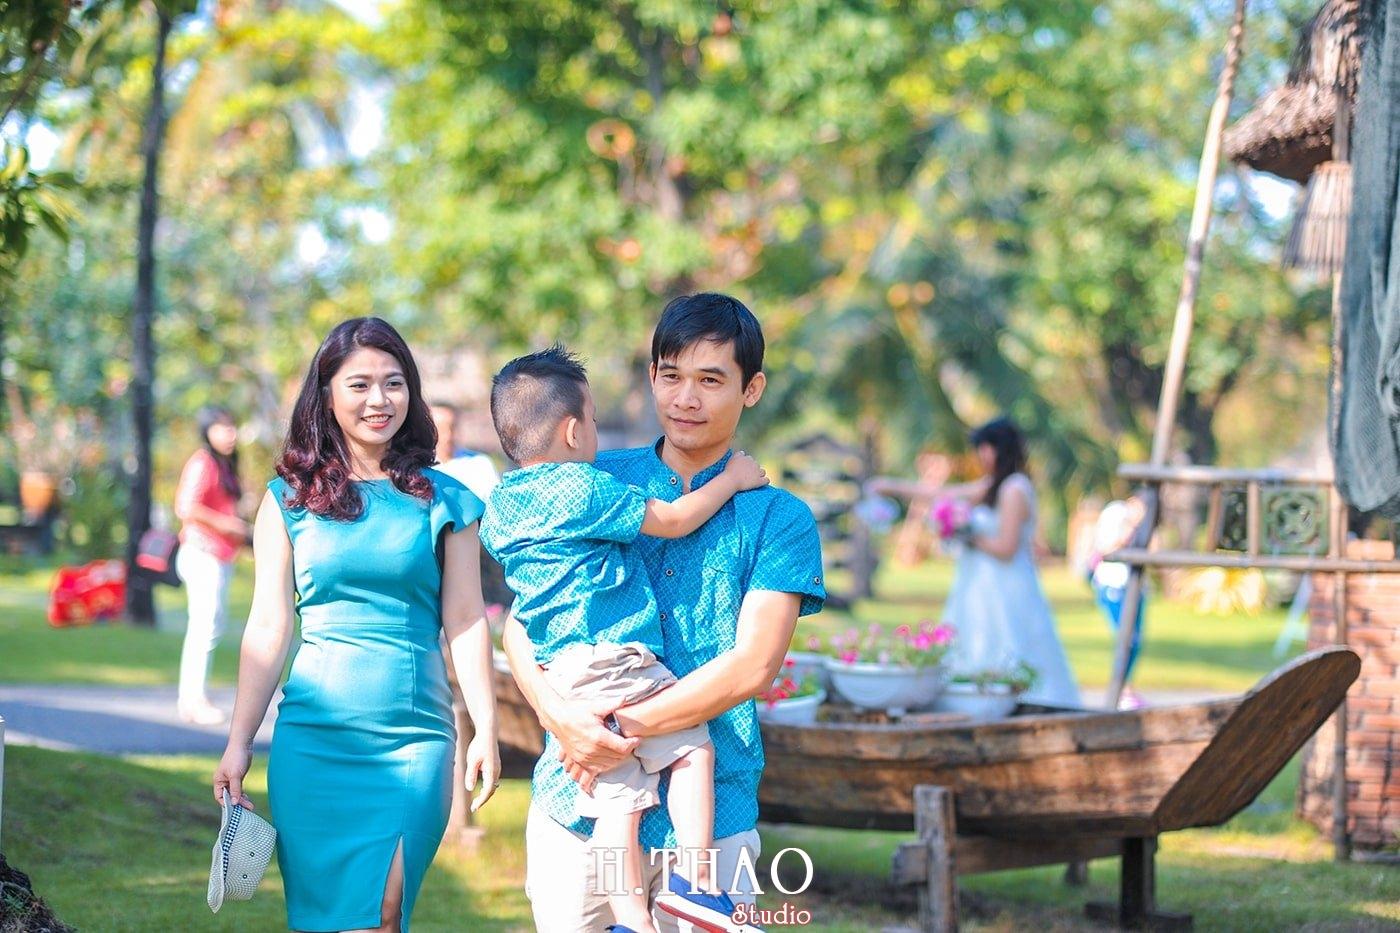 Anh gia dinh 3 nguoi 8 - Khu du lịch Bình Quới 3- Ảnh chụp gia đình anh chị Phương Thúy